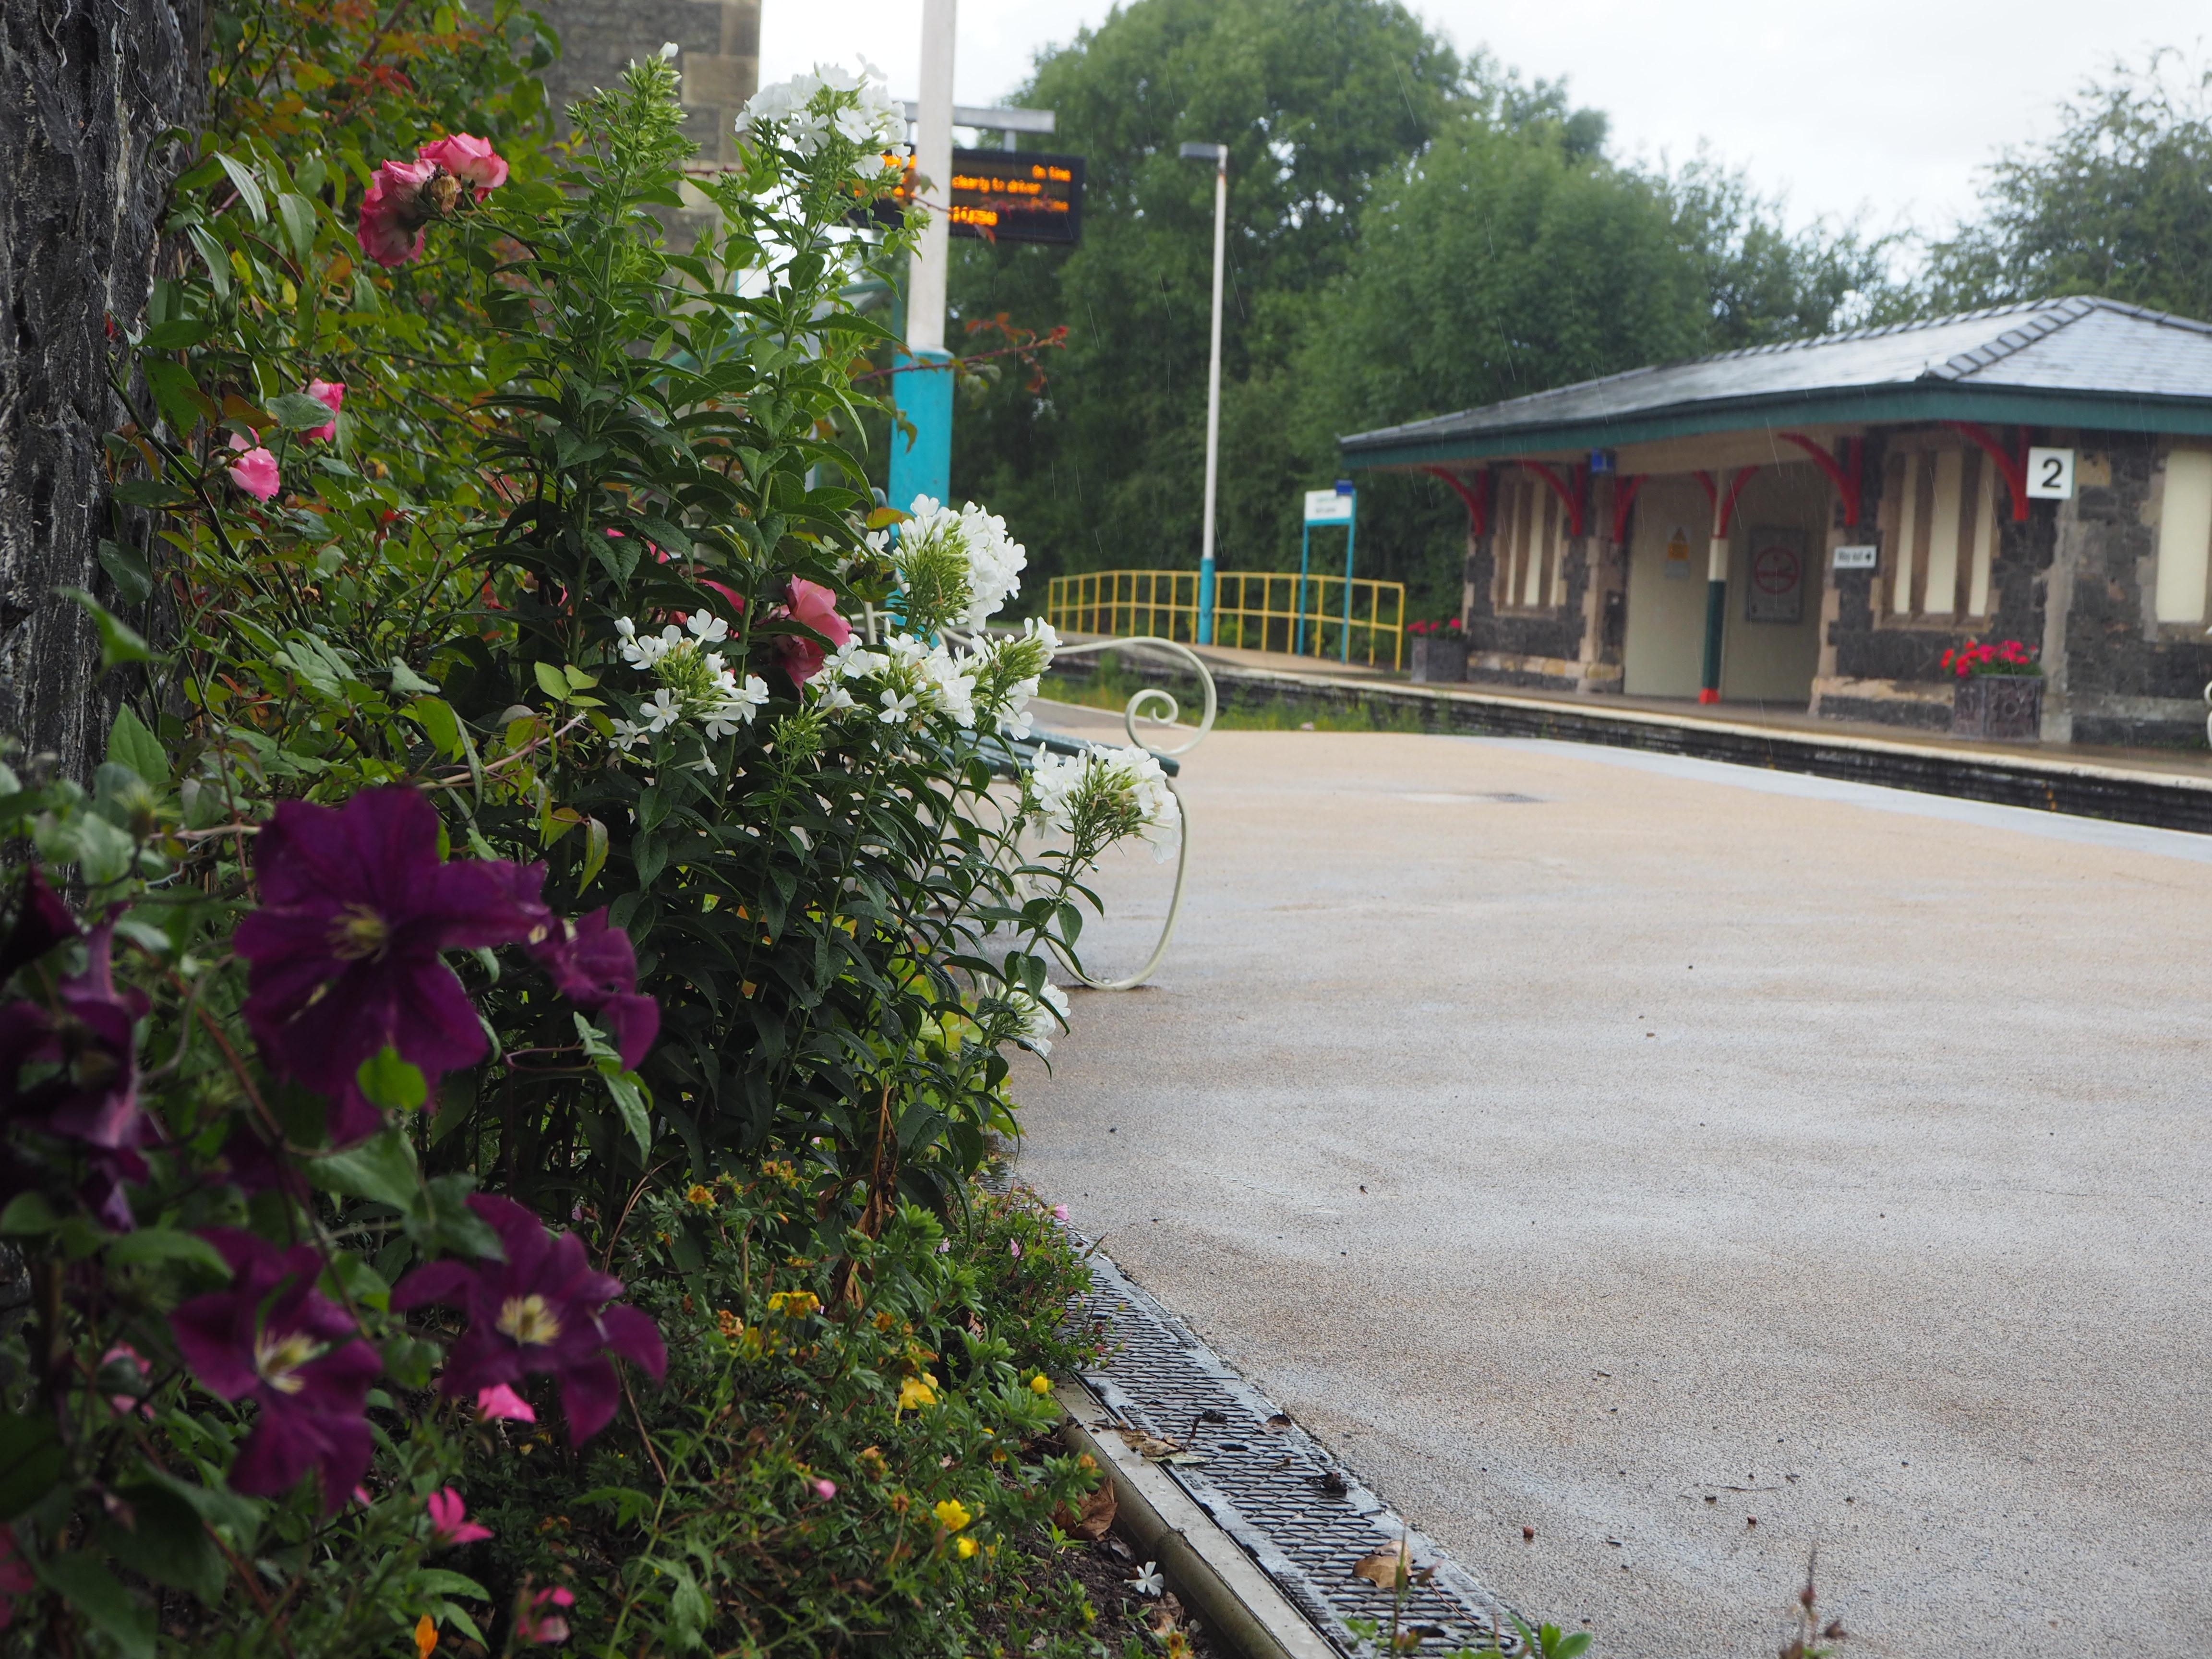 North Llanrwst Station, Conwy Valley Railway